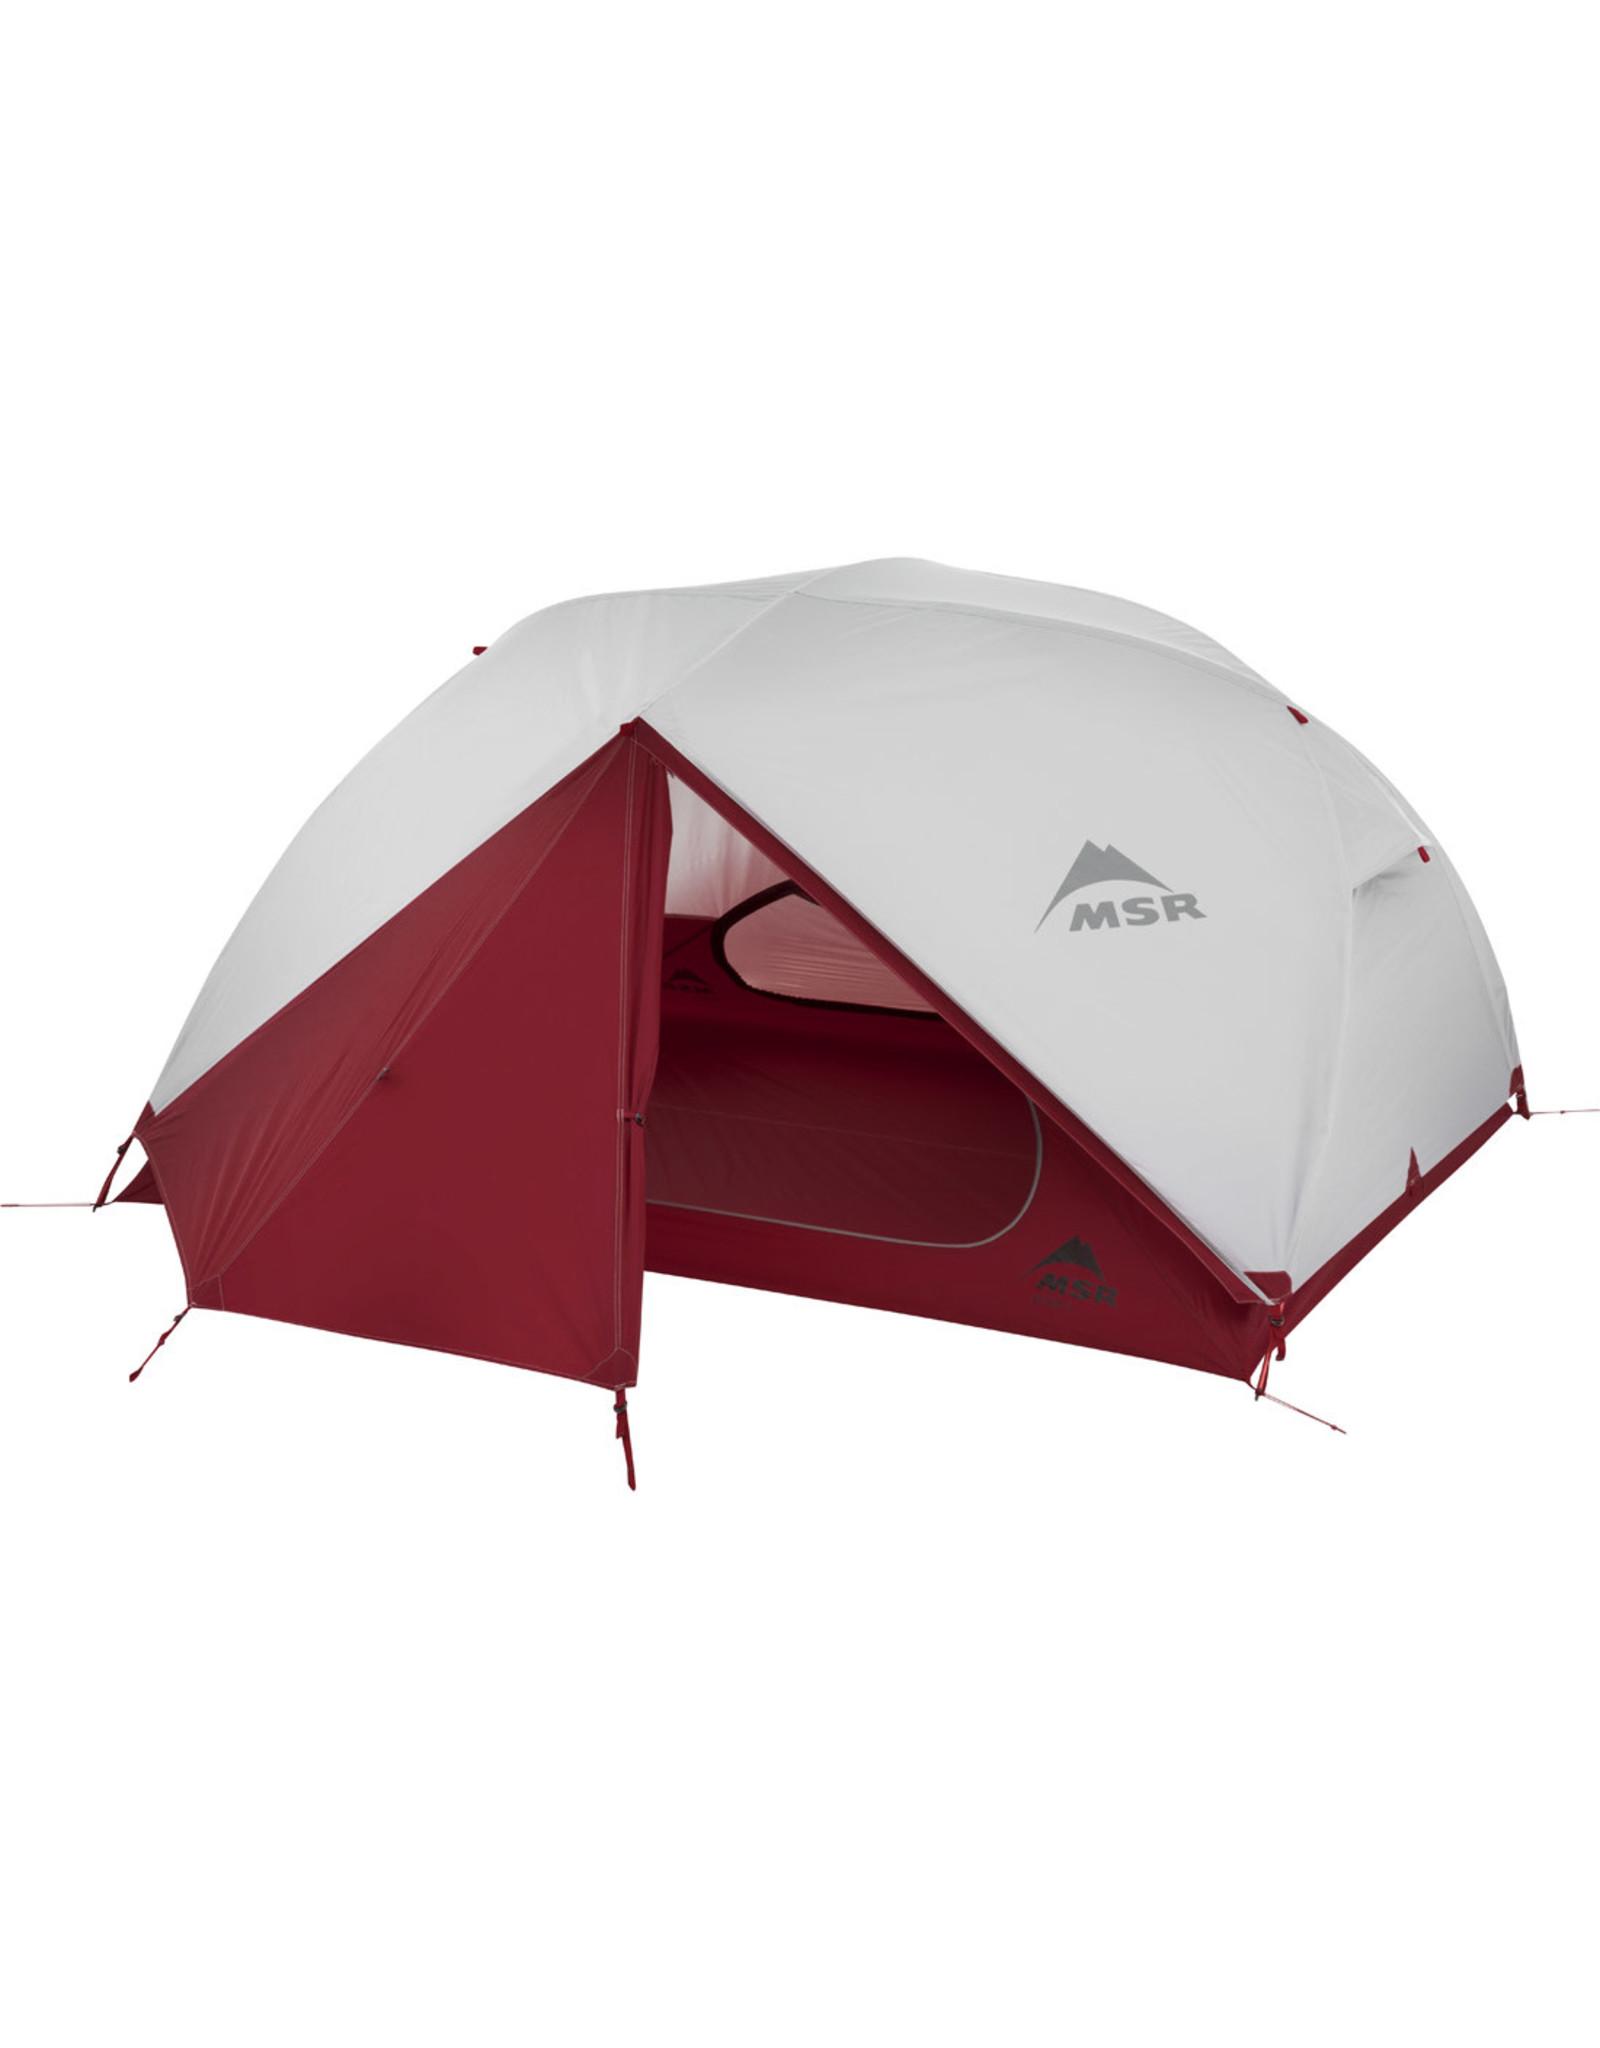 MSR MSR Elixir 3 Tent V2